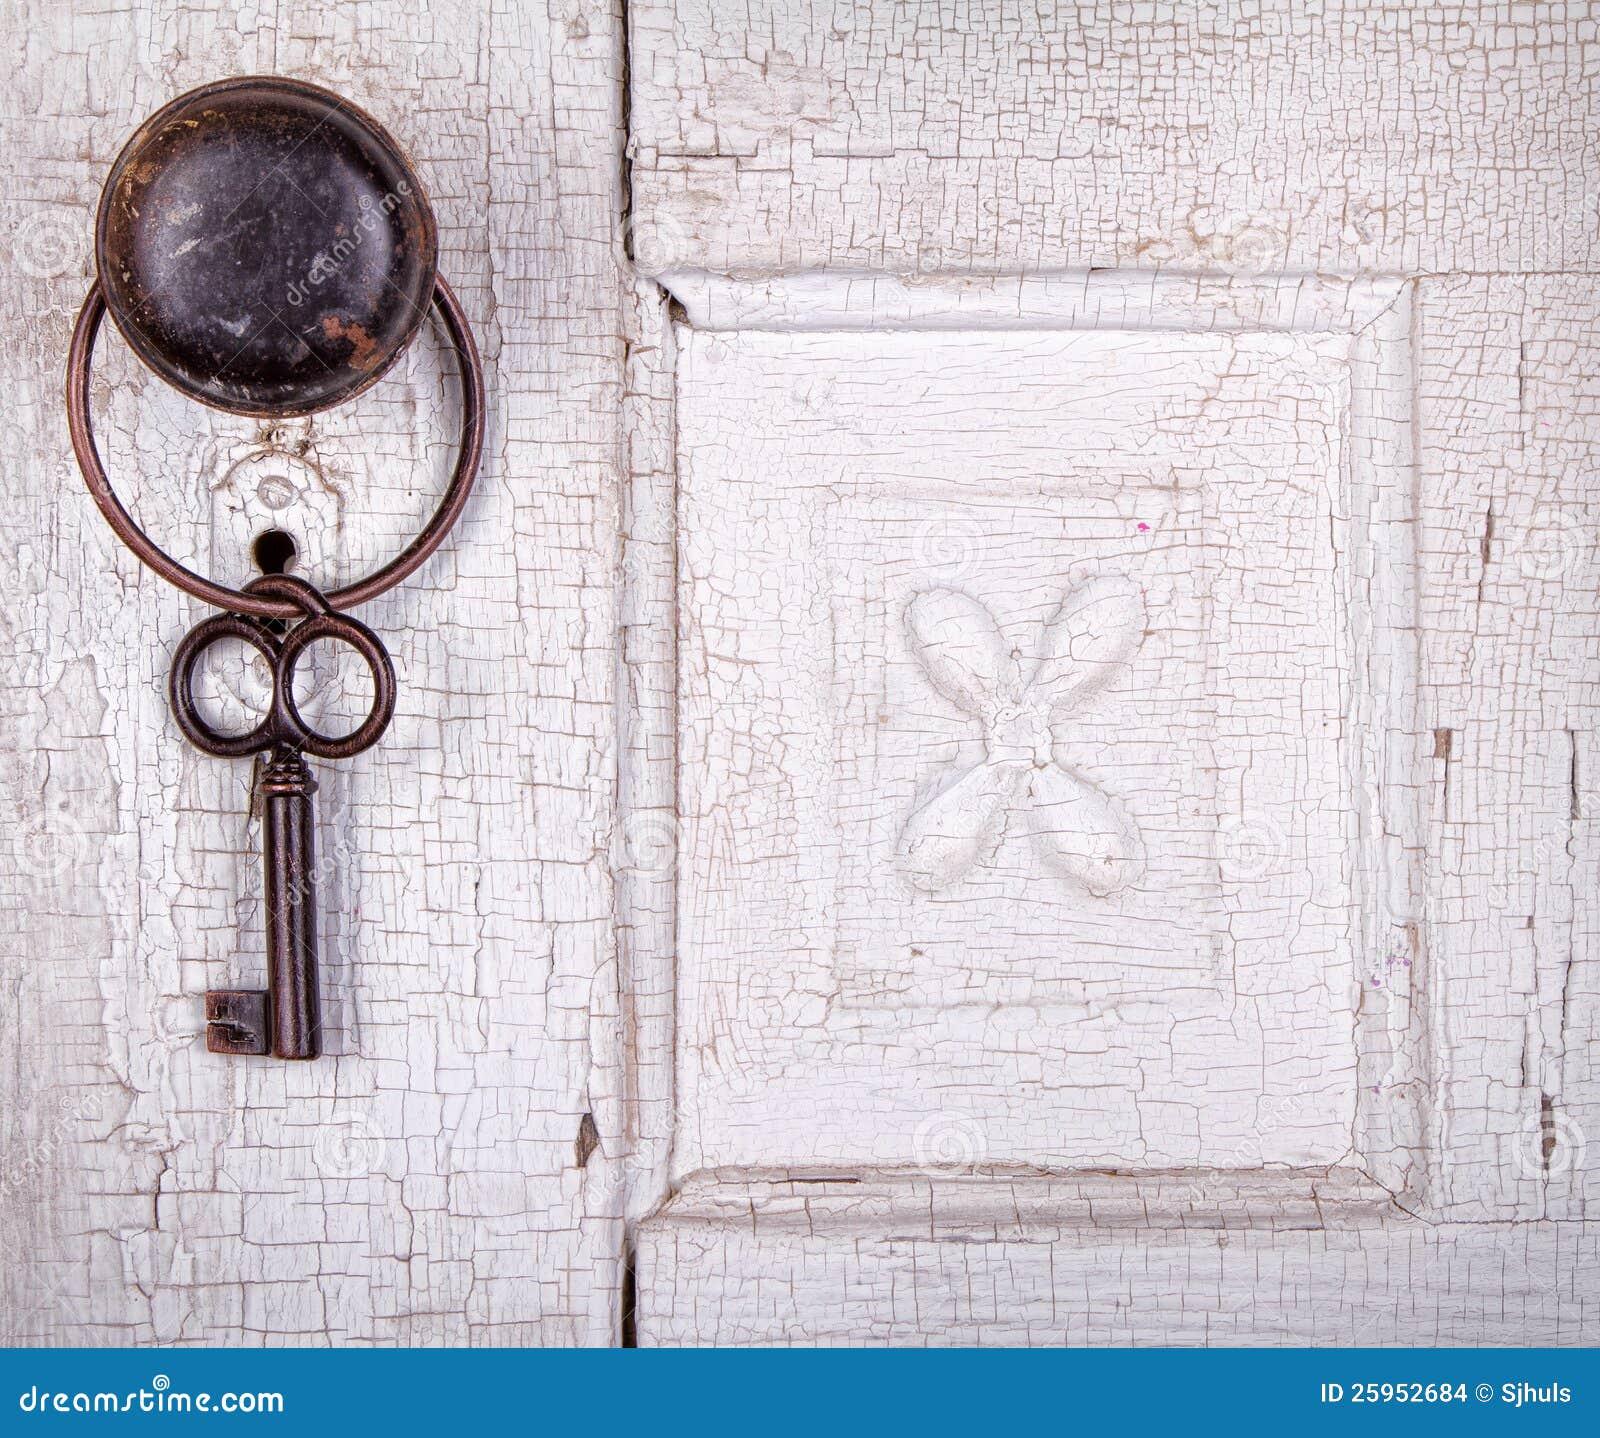 Het uitstekende zeer belangrijke hangen op een uitstekende deur